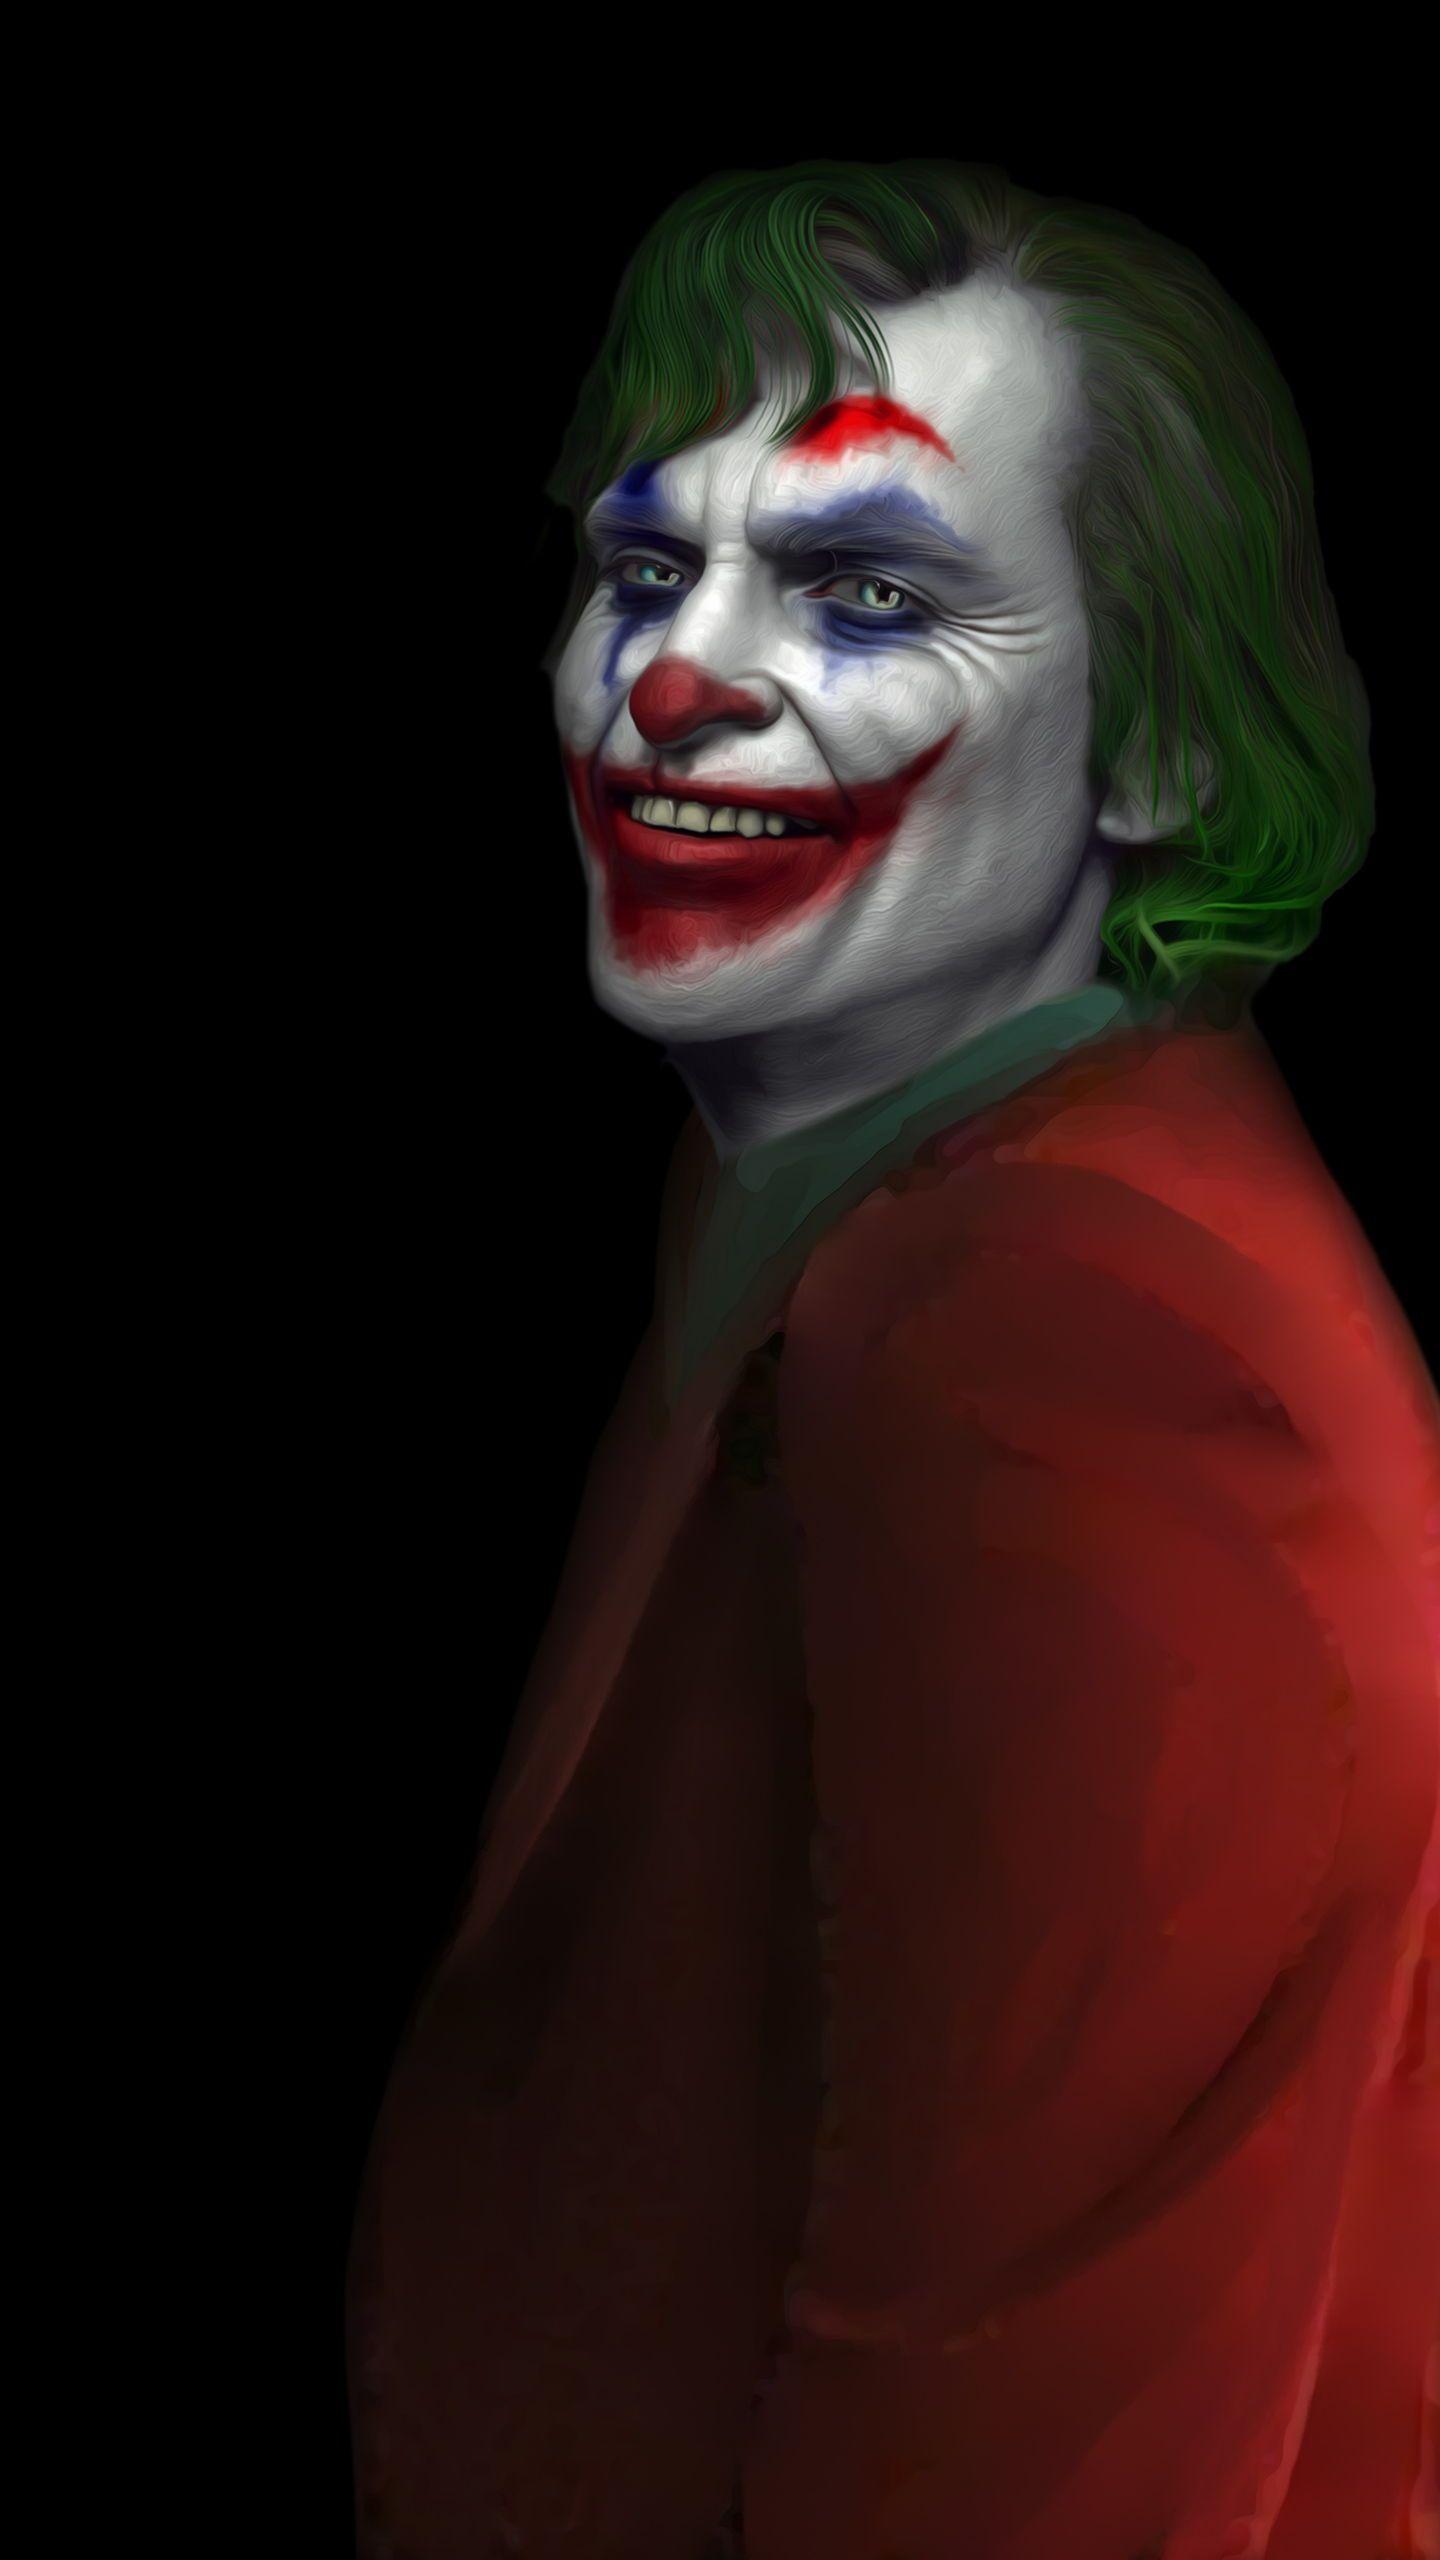 Joker Review A Dark Tale And Joaquin Phoenix Deserves An Oscar